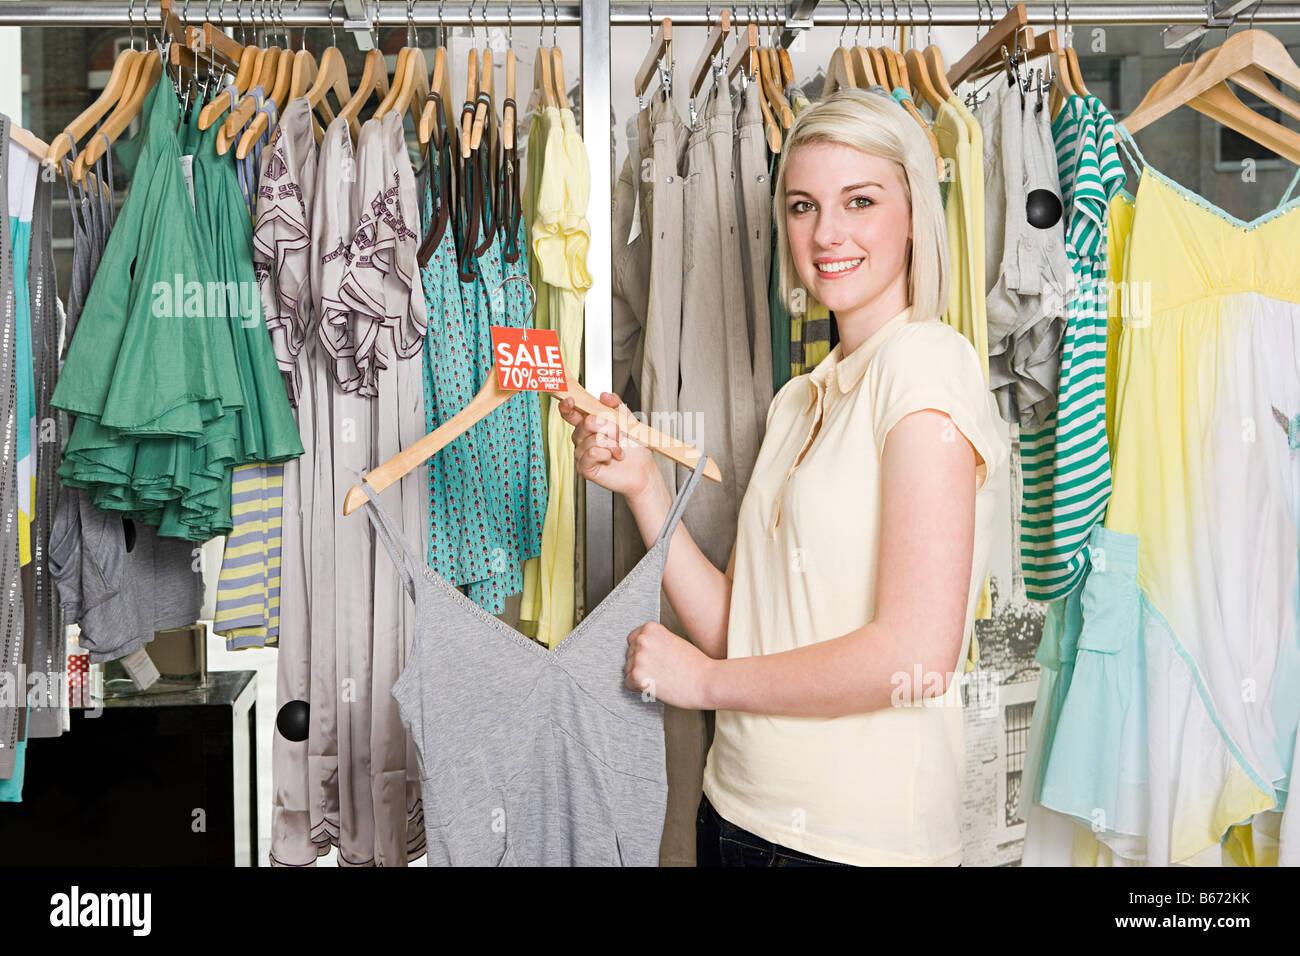 Femme à une vente de vêtements Photo Stock